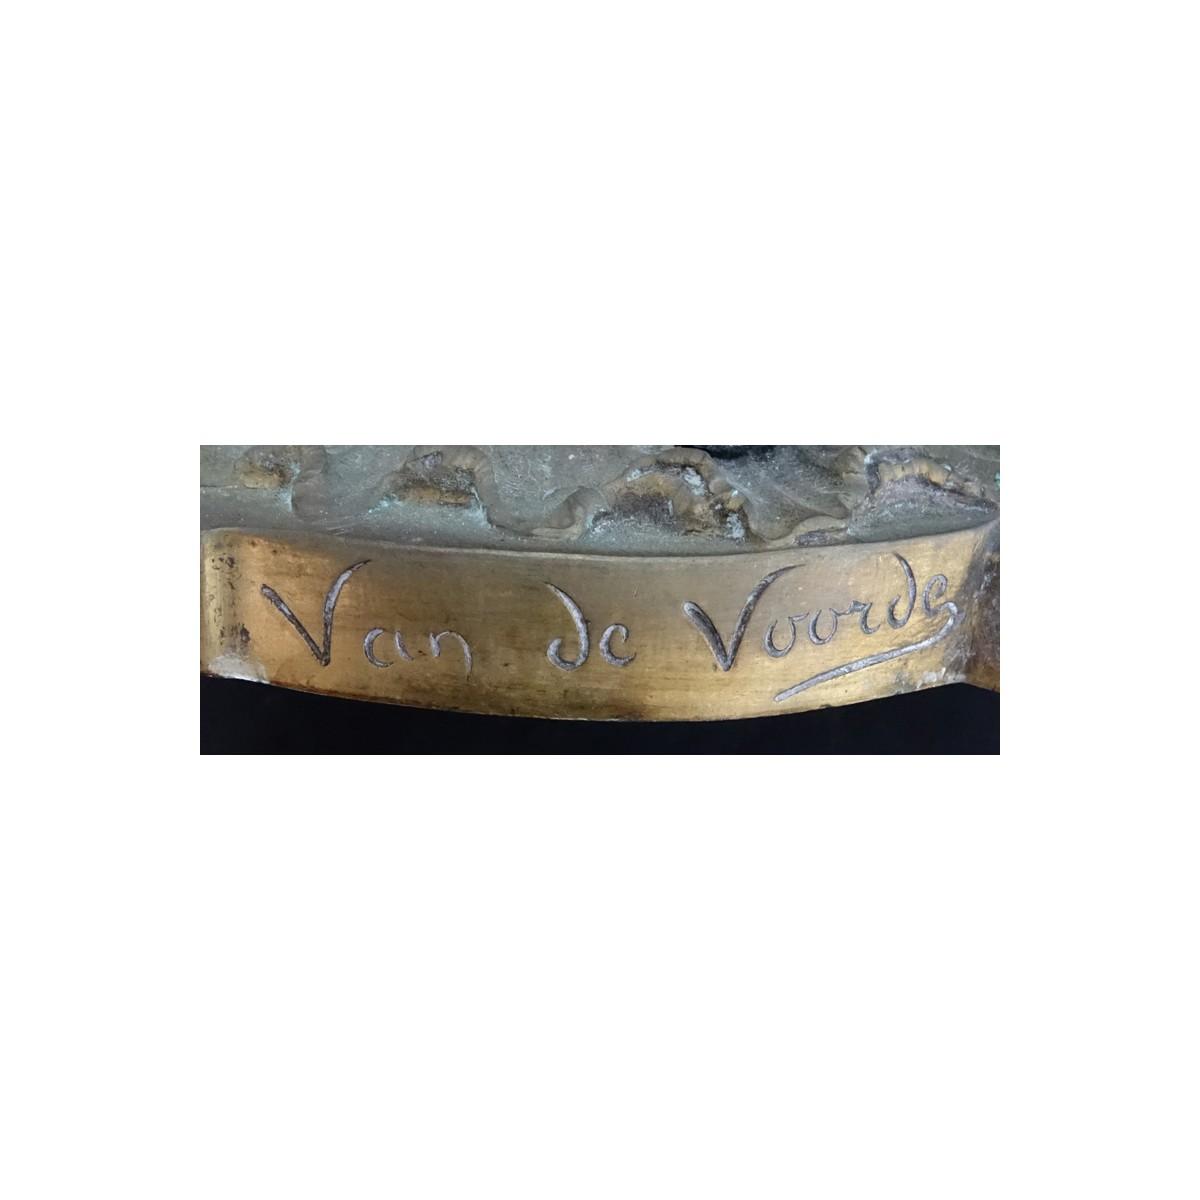 Lot 315 - Pair of Georges Van de Voorde, Dutch (1878-1970) A